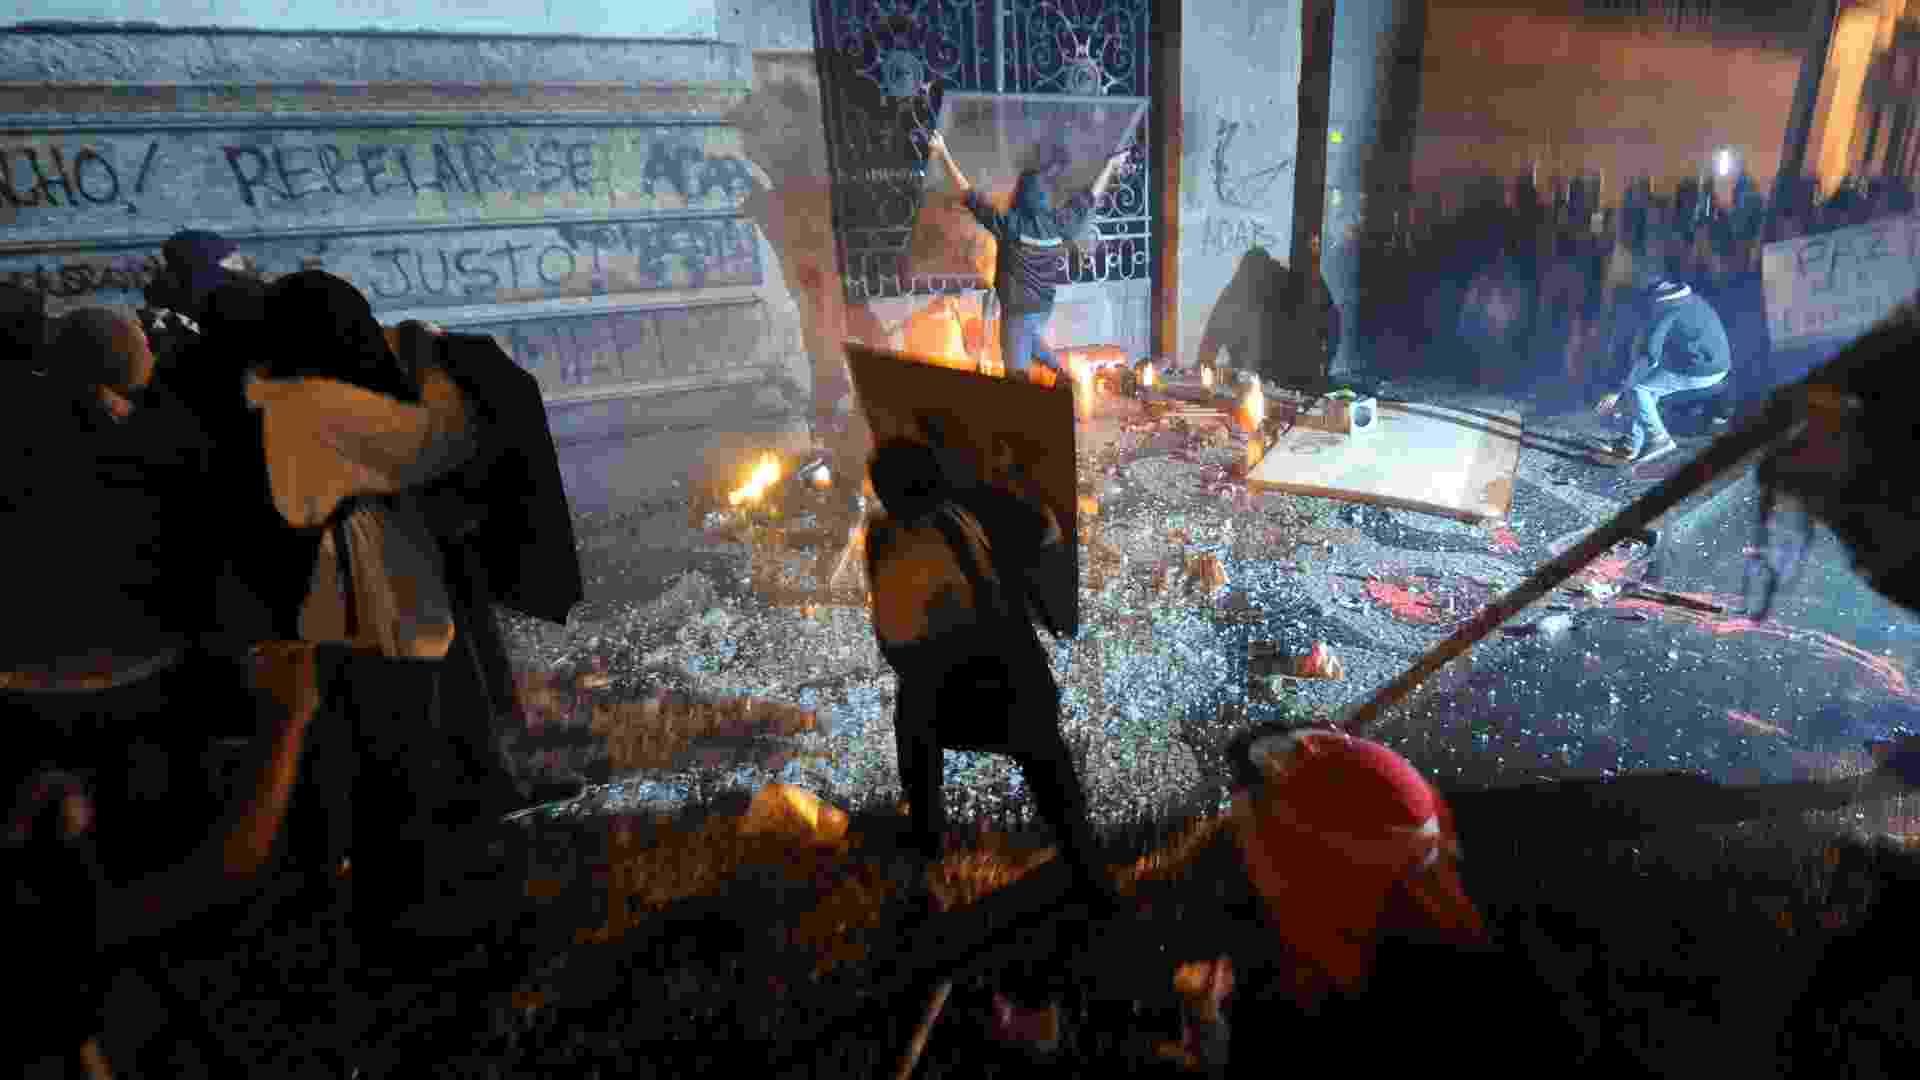 7.out.2013 - Um grupo de manifestantes jogou ao menos três bombas caseiras (coquetel molotov) na porta lateral da Câmara dos Vereadores pela rua Evaristo da Veiga -- onde há também um quartel da PM (Polícia Militar) - Antonio Scorza/UOL